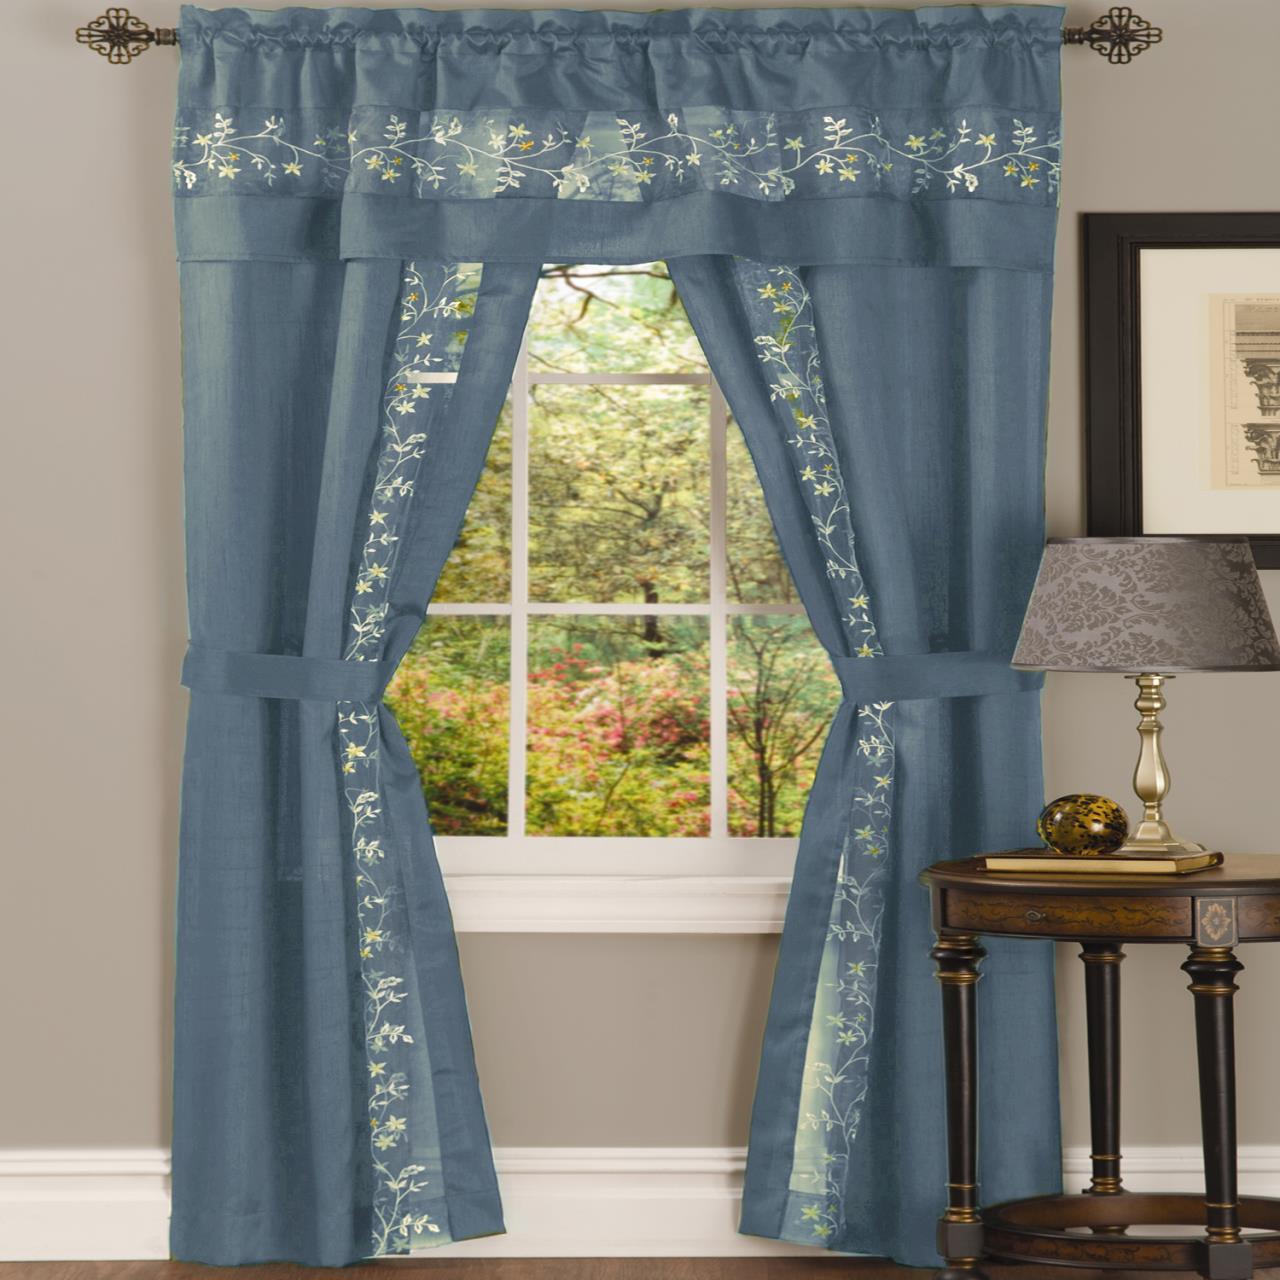 Fairfield Curtain Set - 054006626825